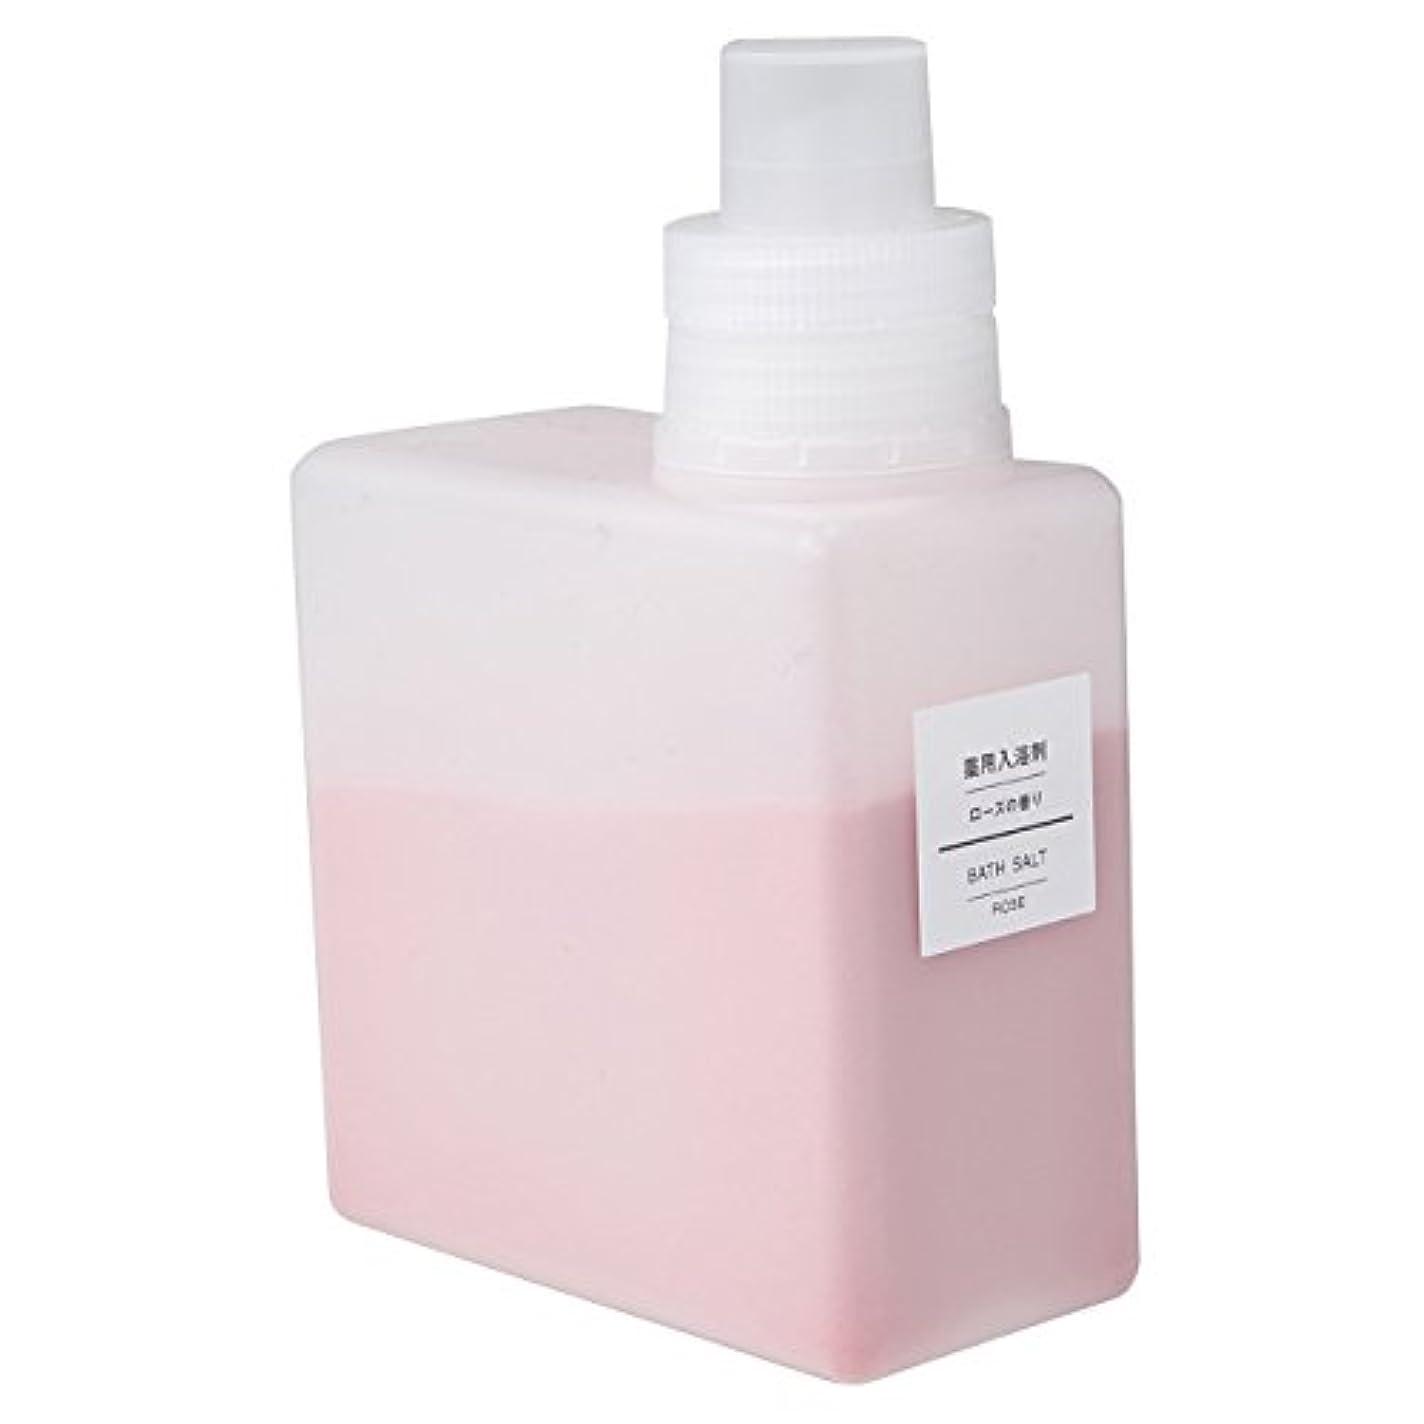 訴える揺れるコート無印良品 薬用入浴剤・ローズの香り (新)500g 日本製